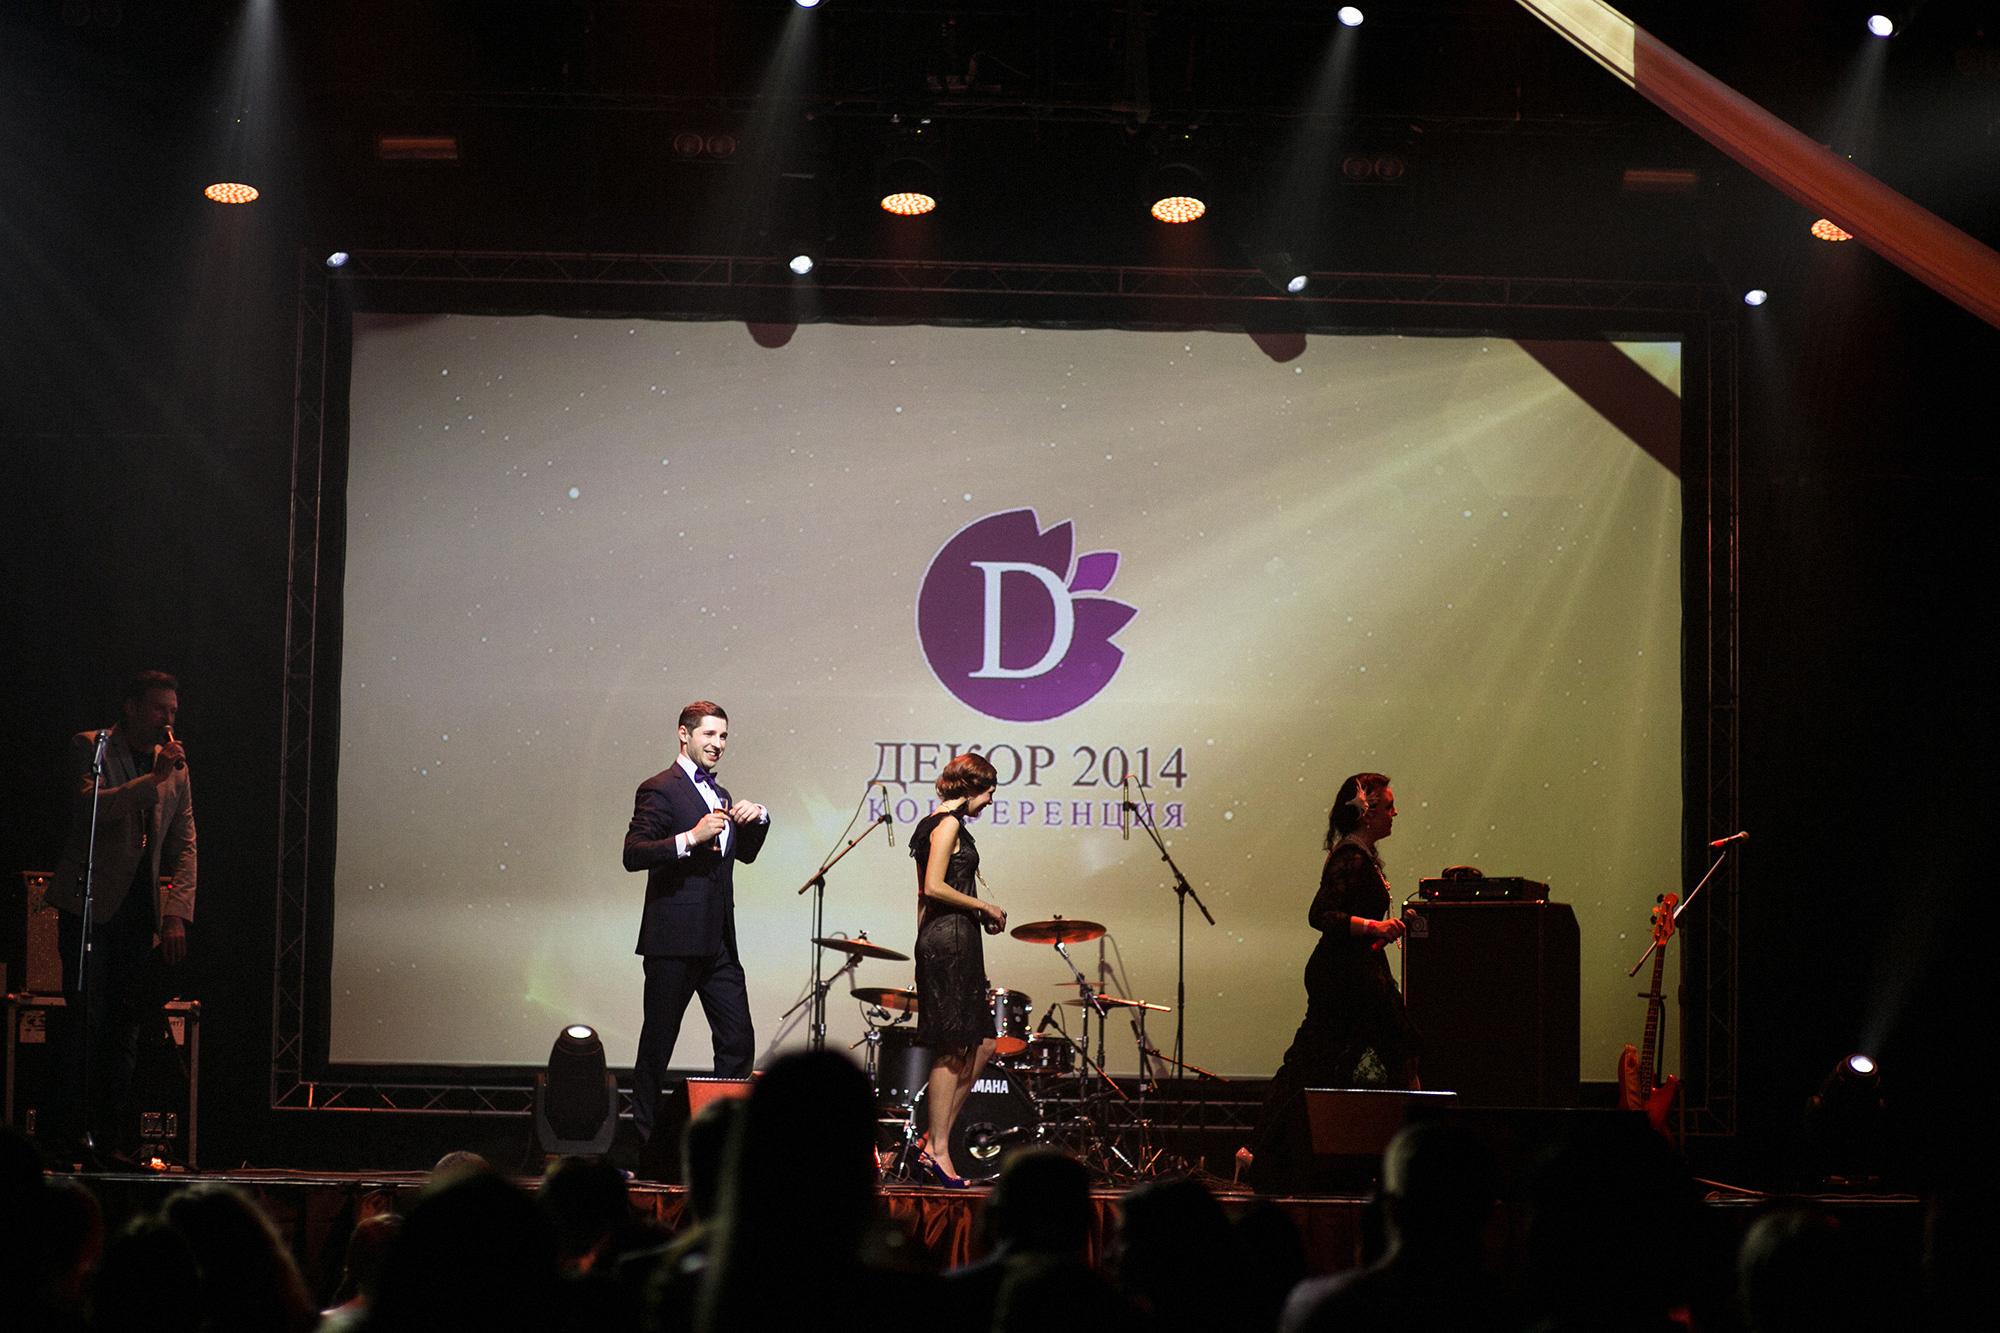 Репортаж с конференции Decor 2014